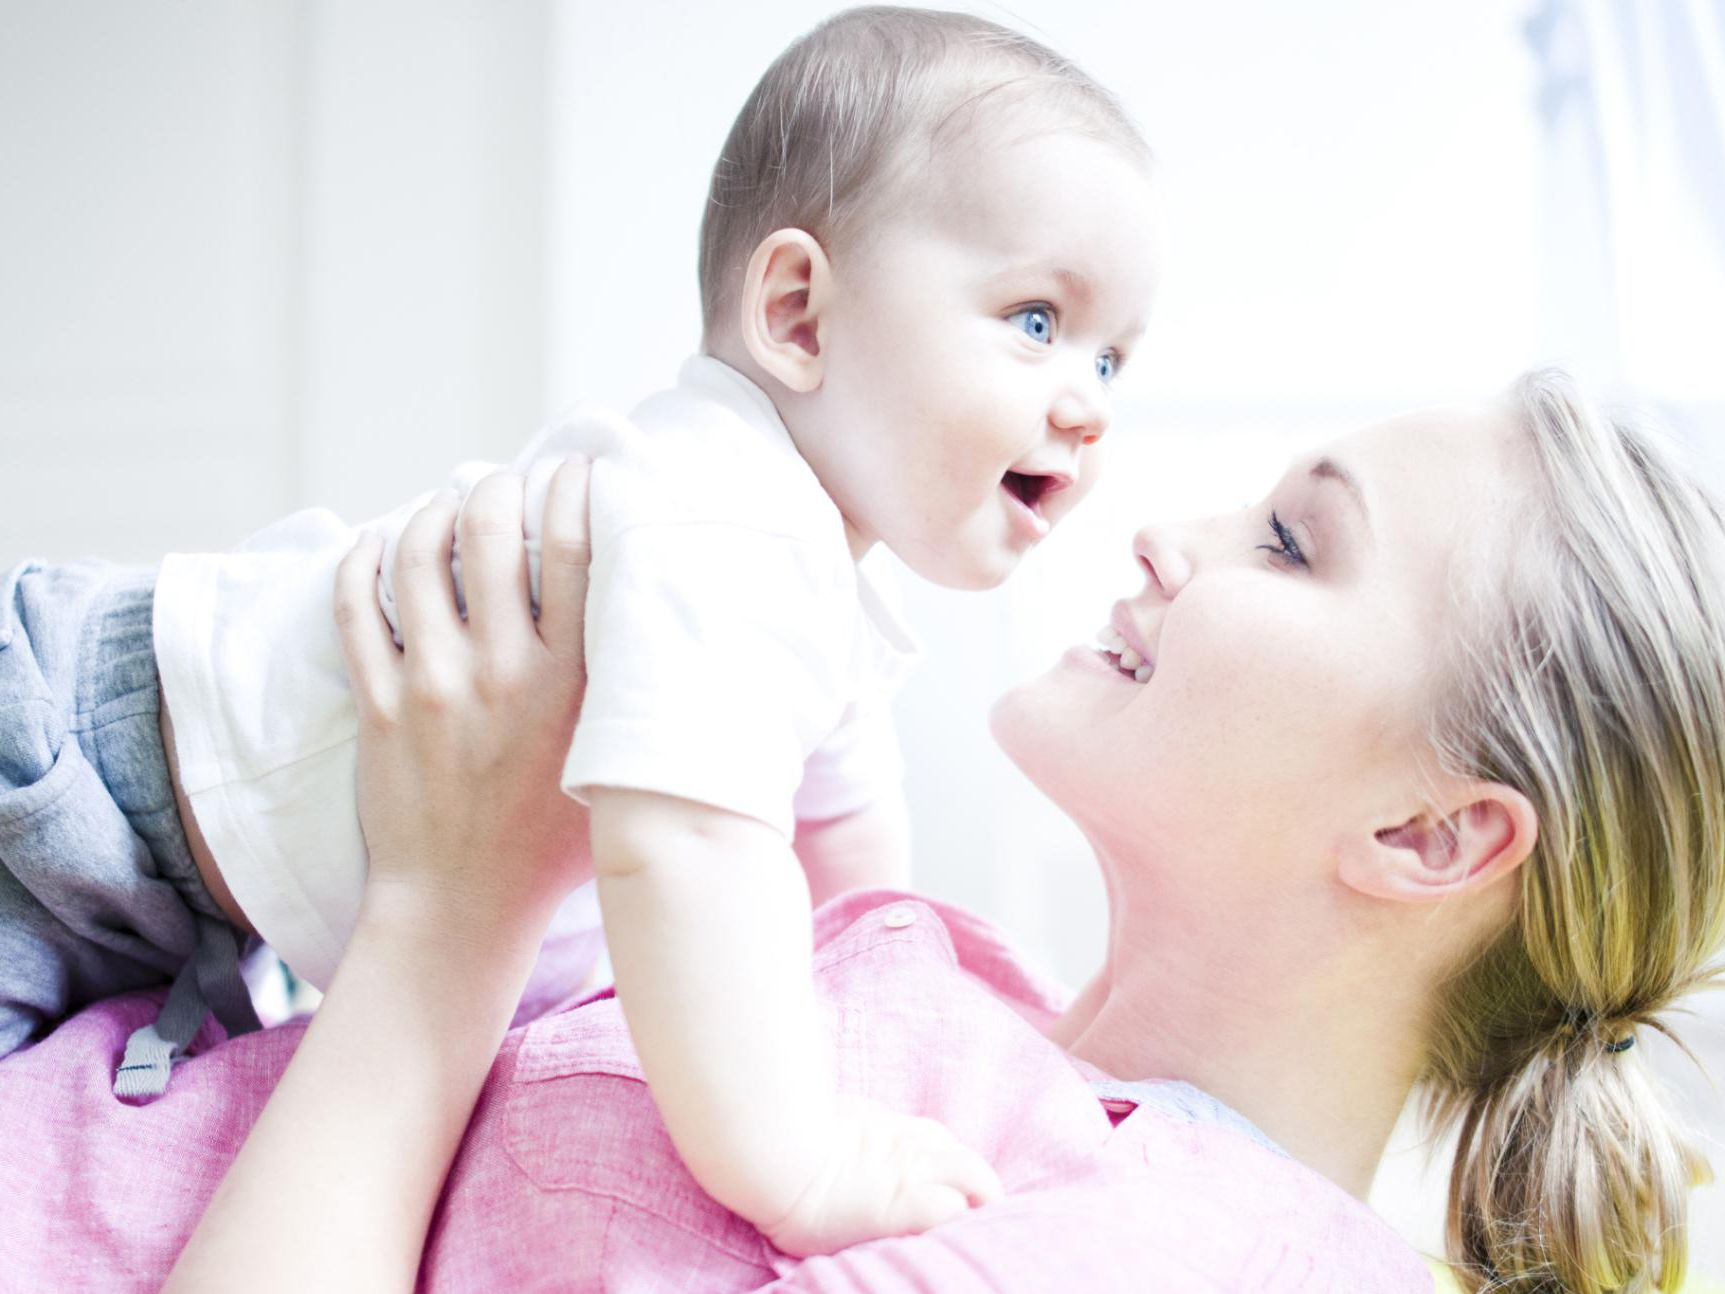 Image result for पढ़े लेडीज ! जानिए किस उम्र में मां बनना है बेस्ट, बच्चा होगा स्मार्ट और इंटेलिजेंट